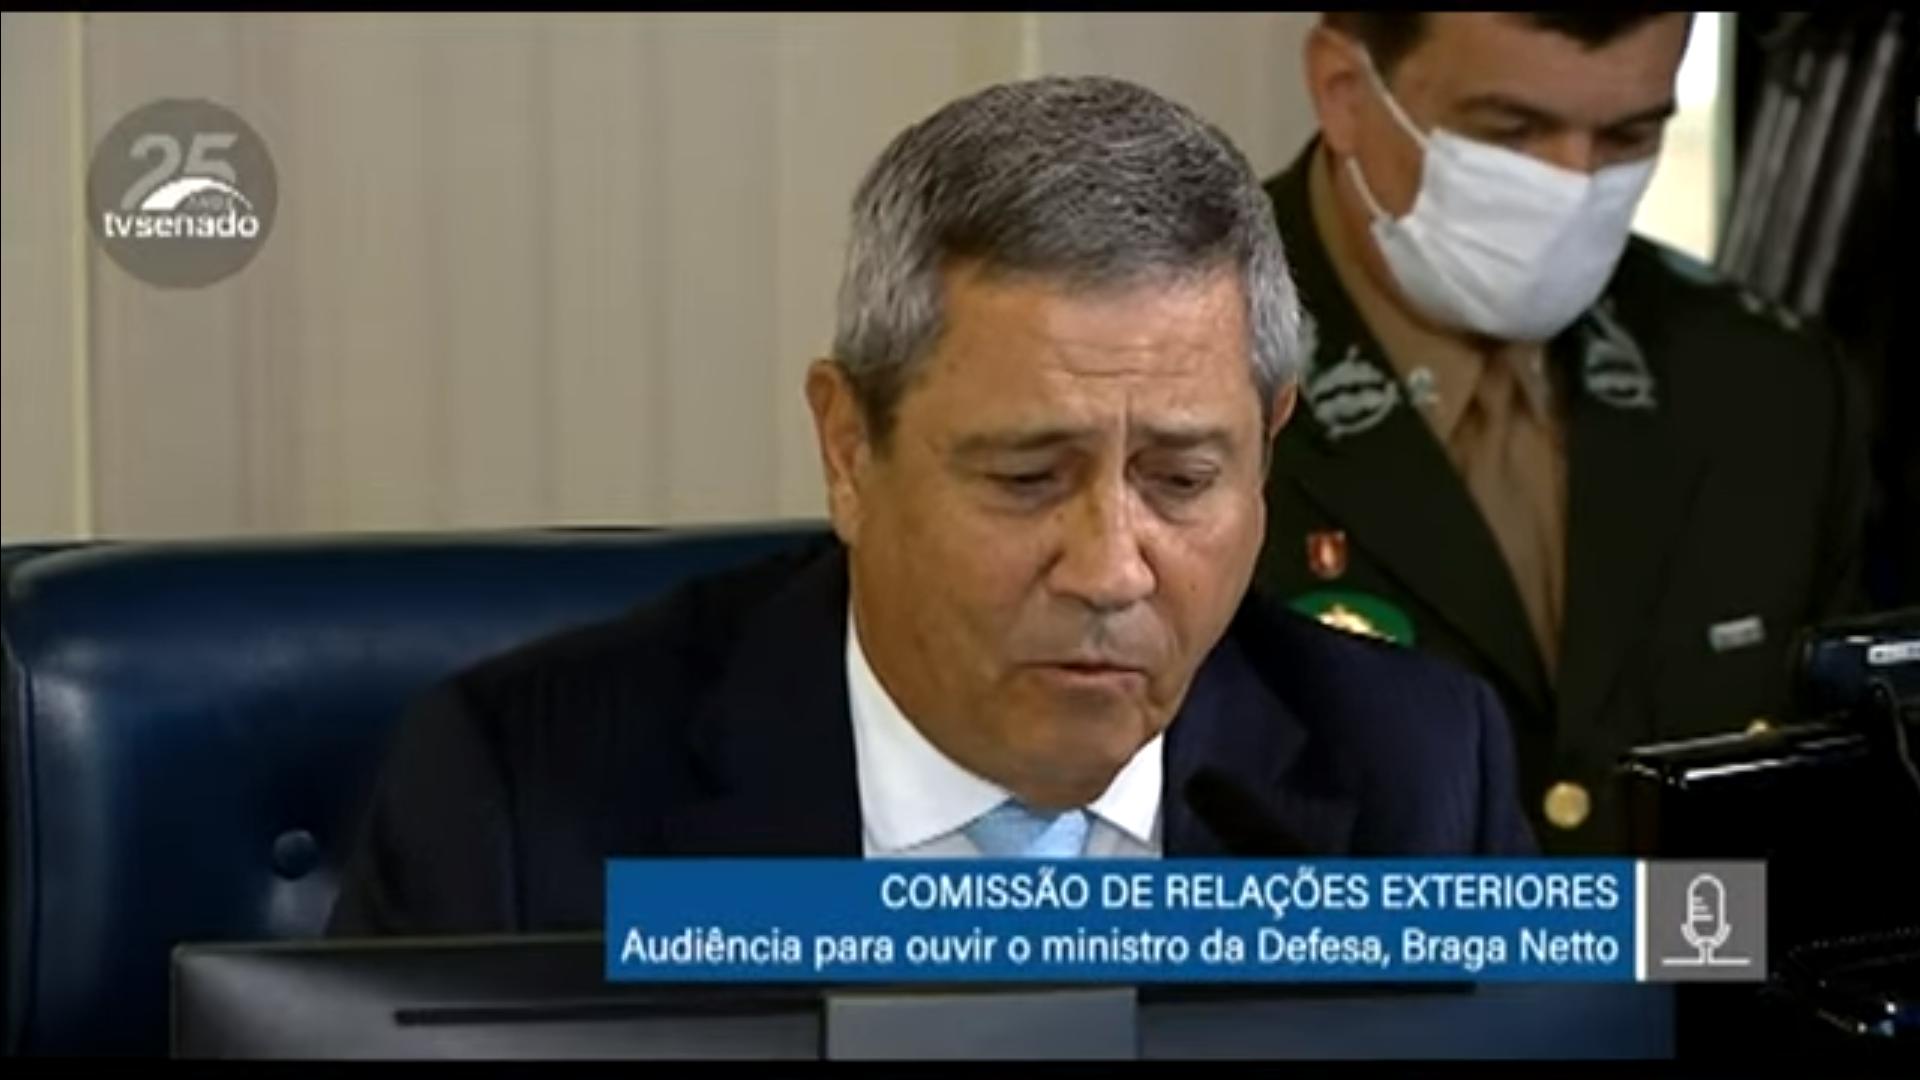 IMAGEM: Braga Netto diz que não há leitos de UTI vagos em hospitais militares